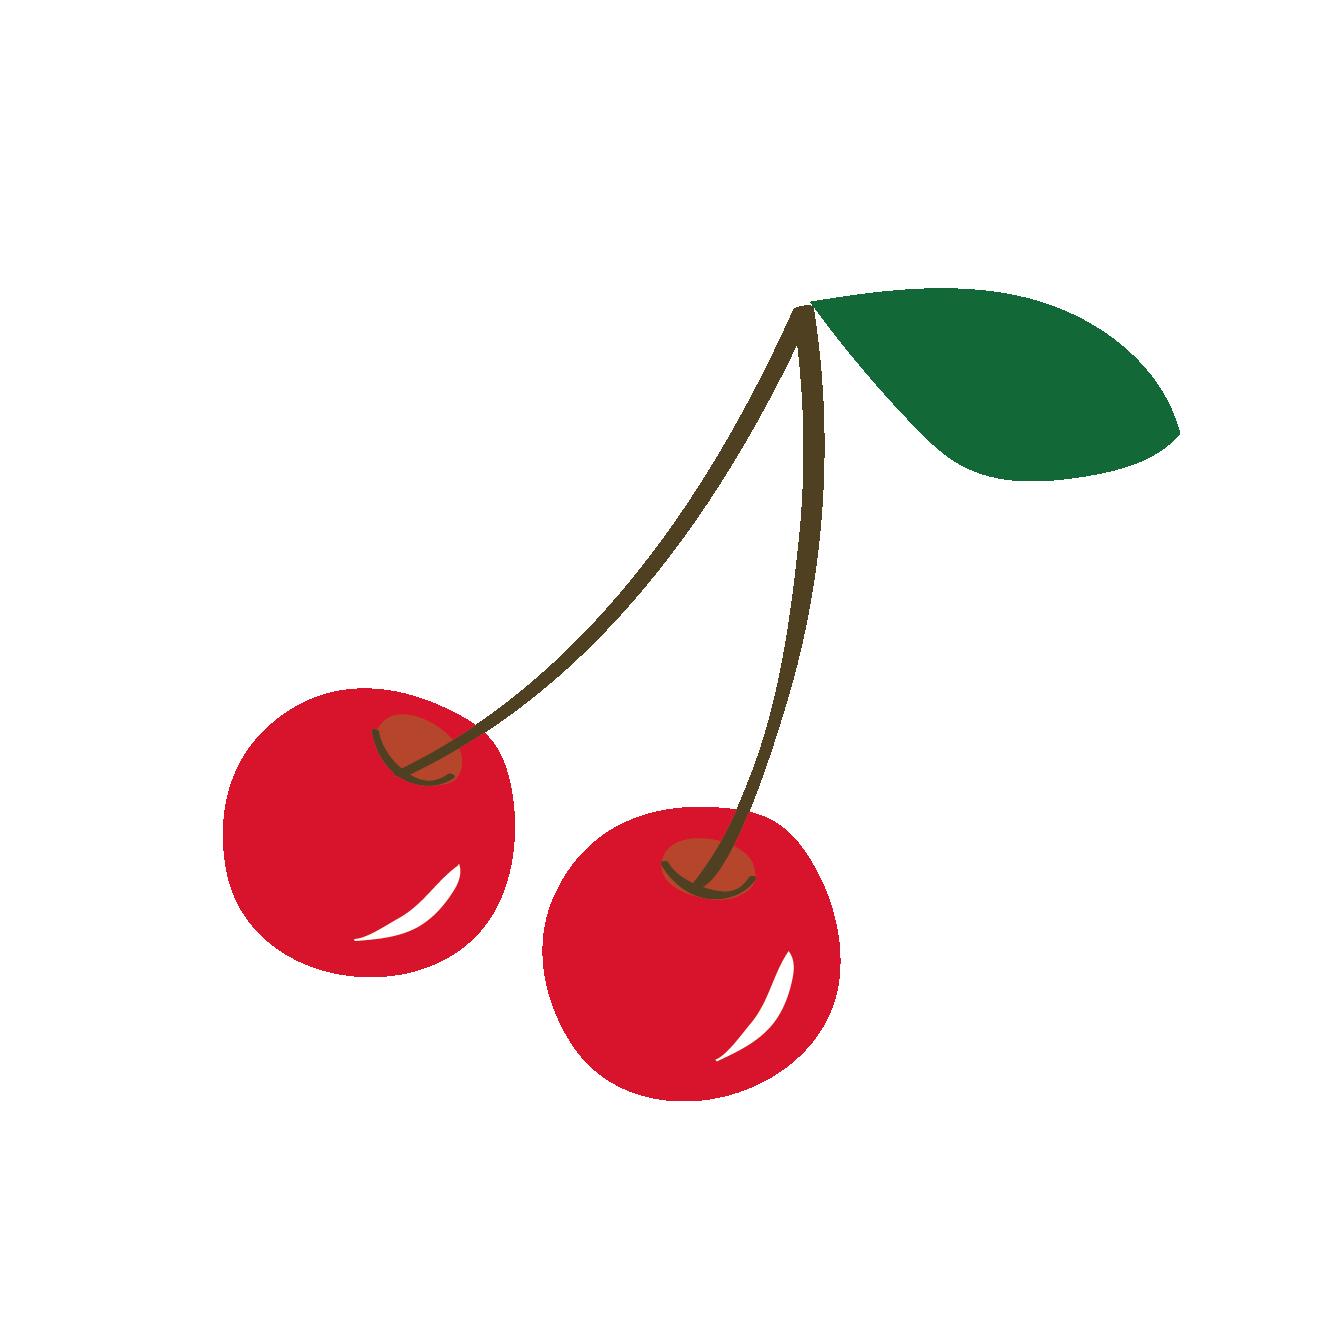 さくらんぼ(サクランボ・チェリー)のイラスト【フルーツ・果物